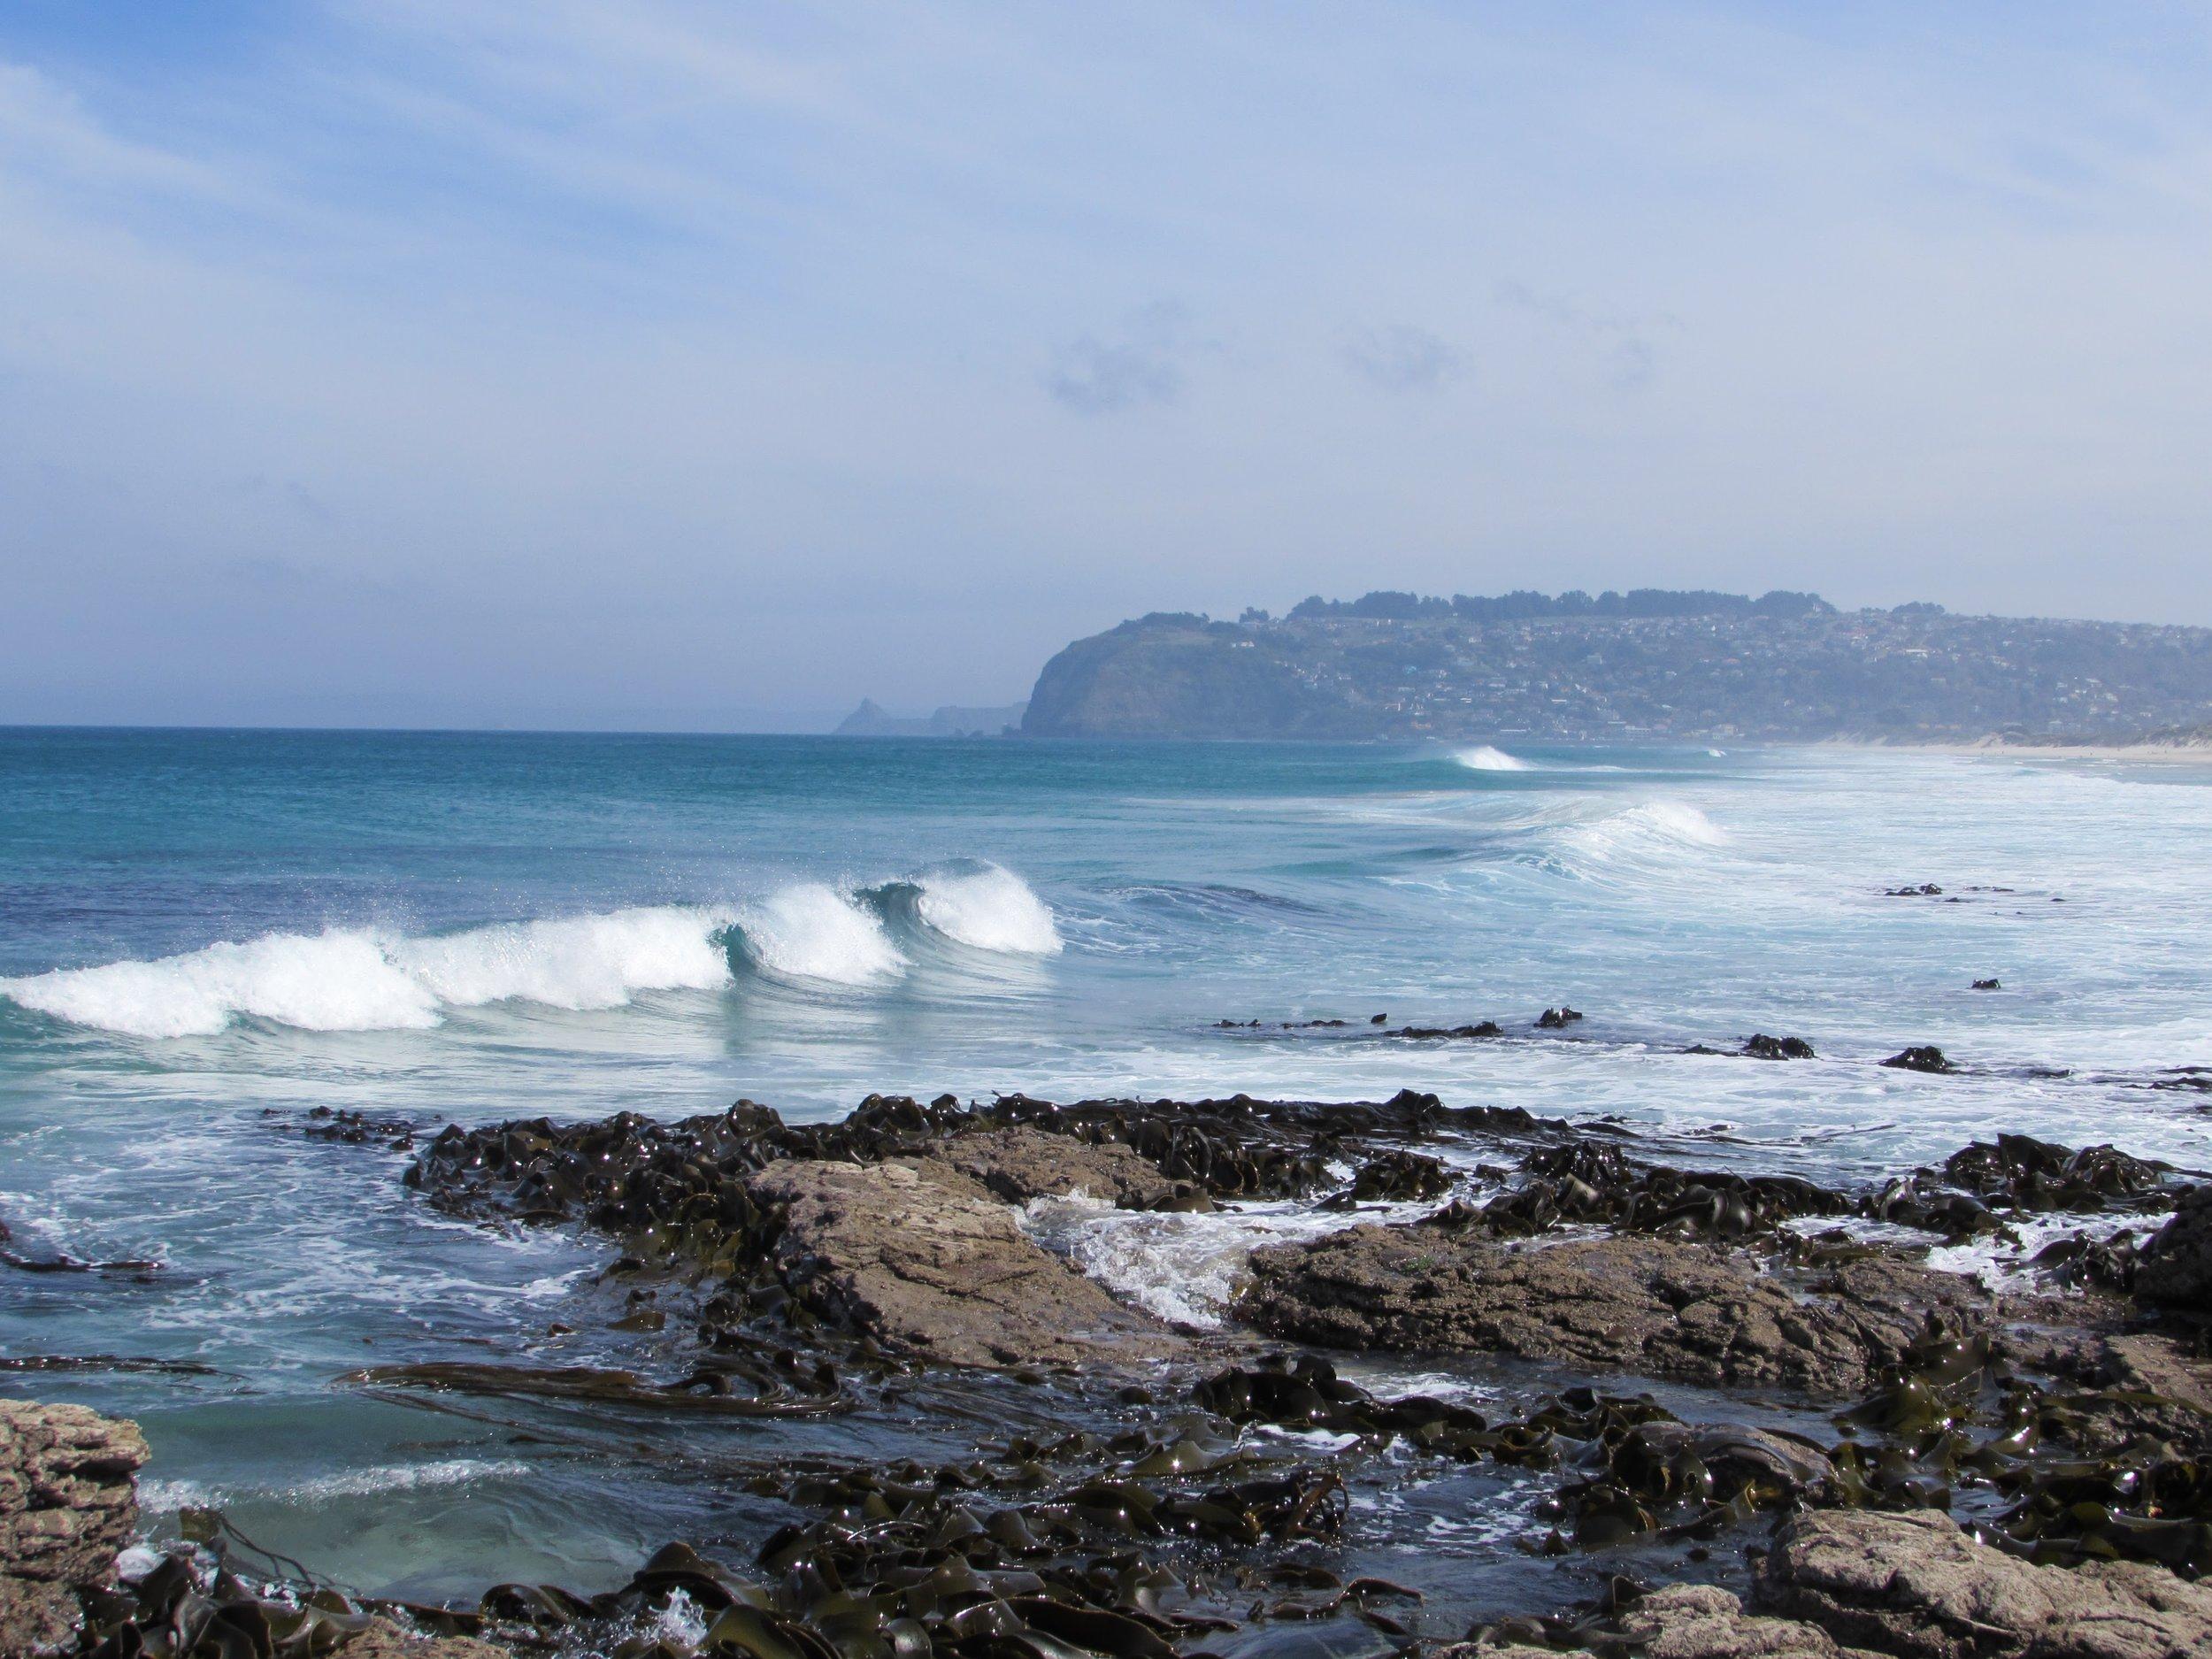 St. Kilda Surf Beach in Dunedin, NZ